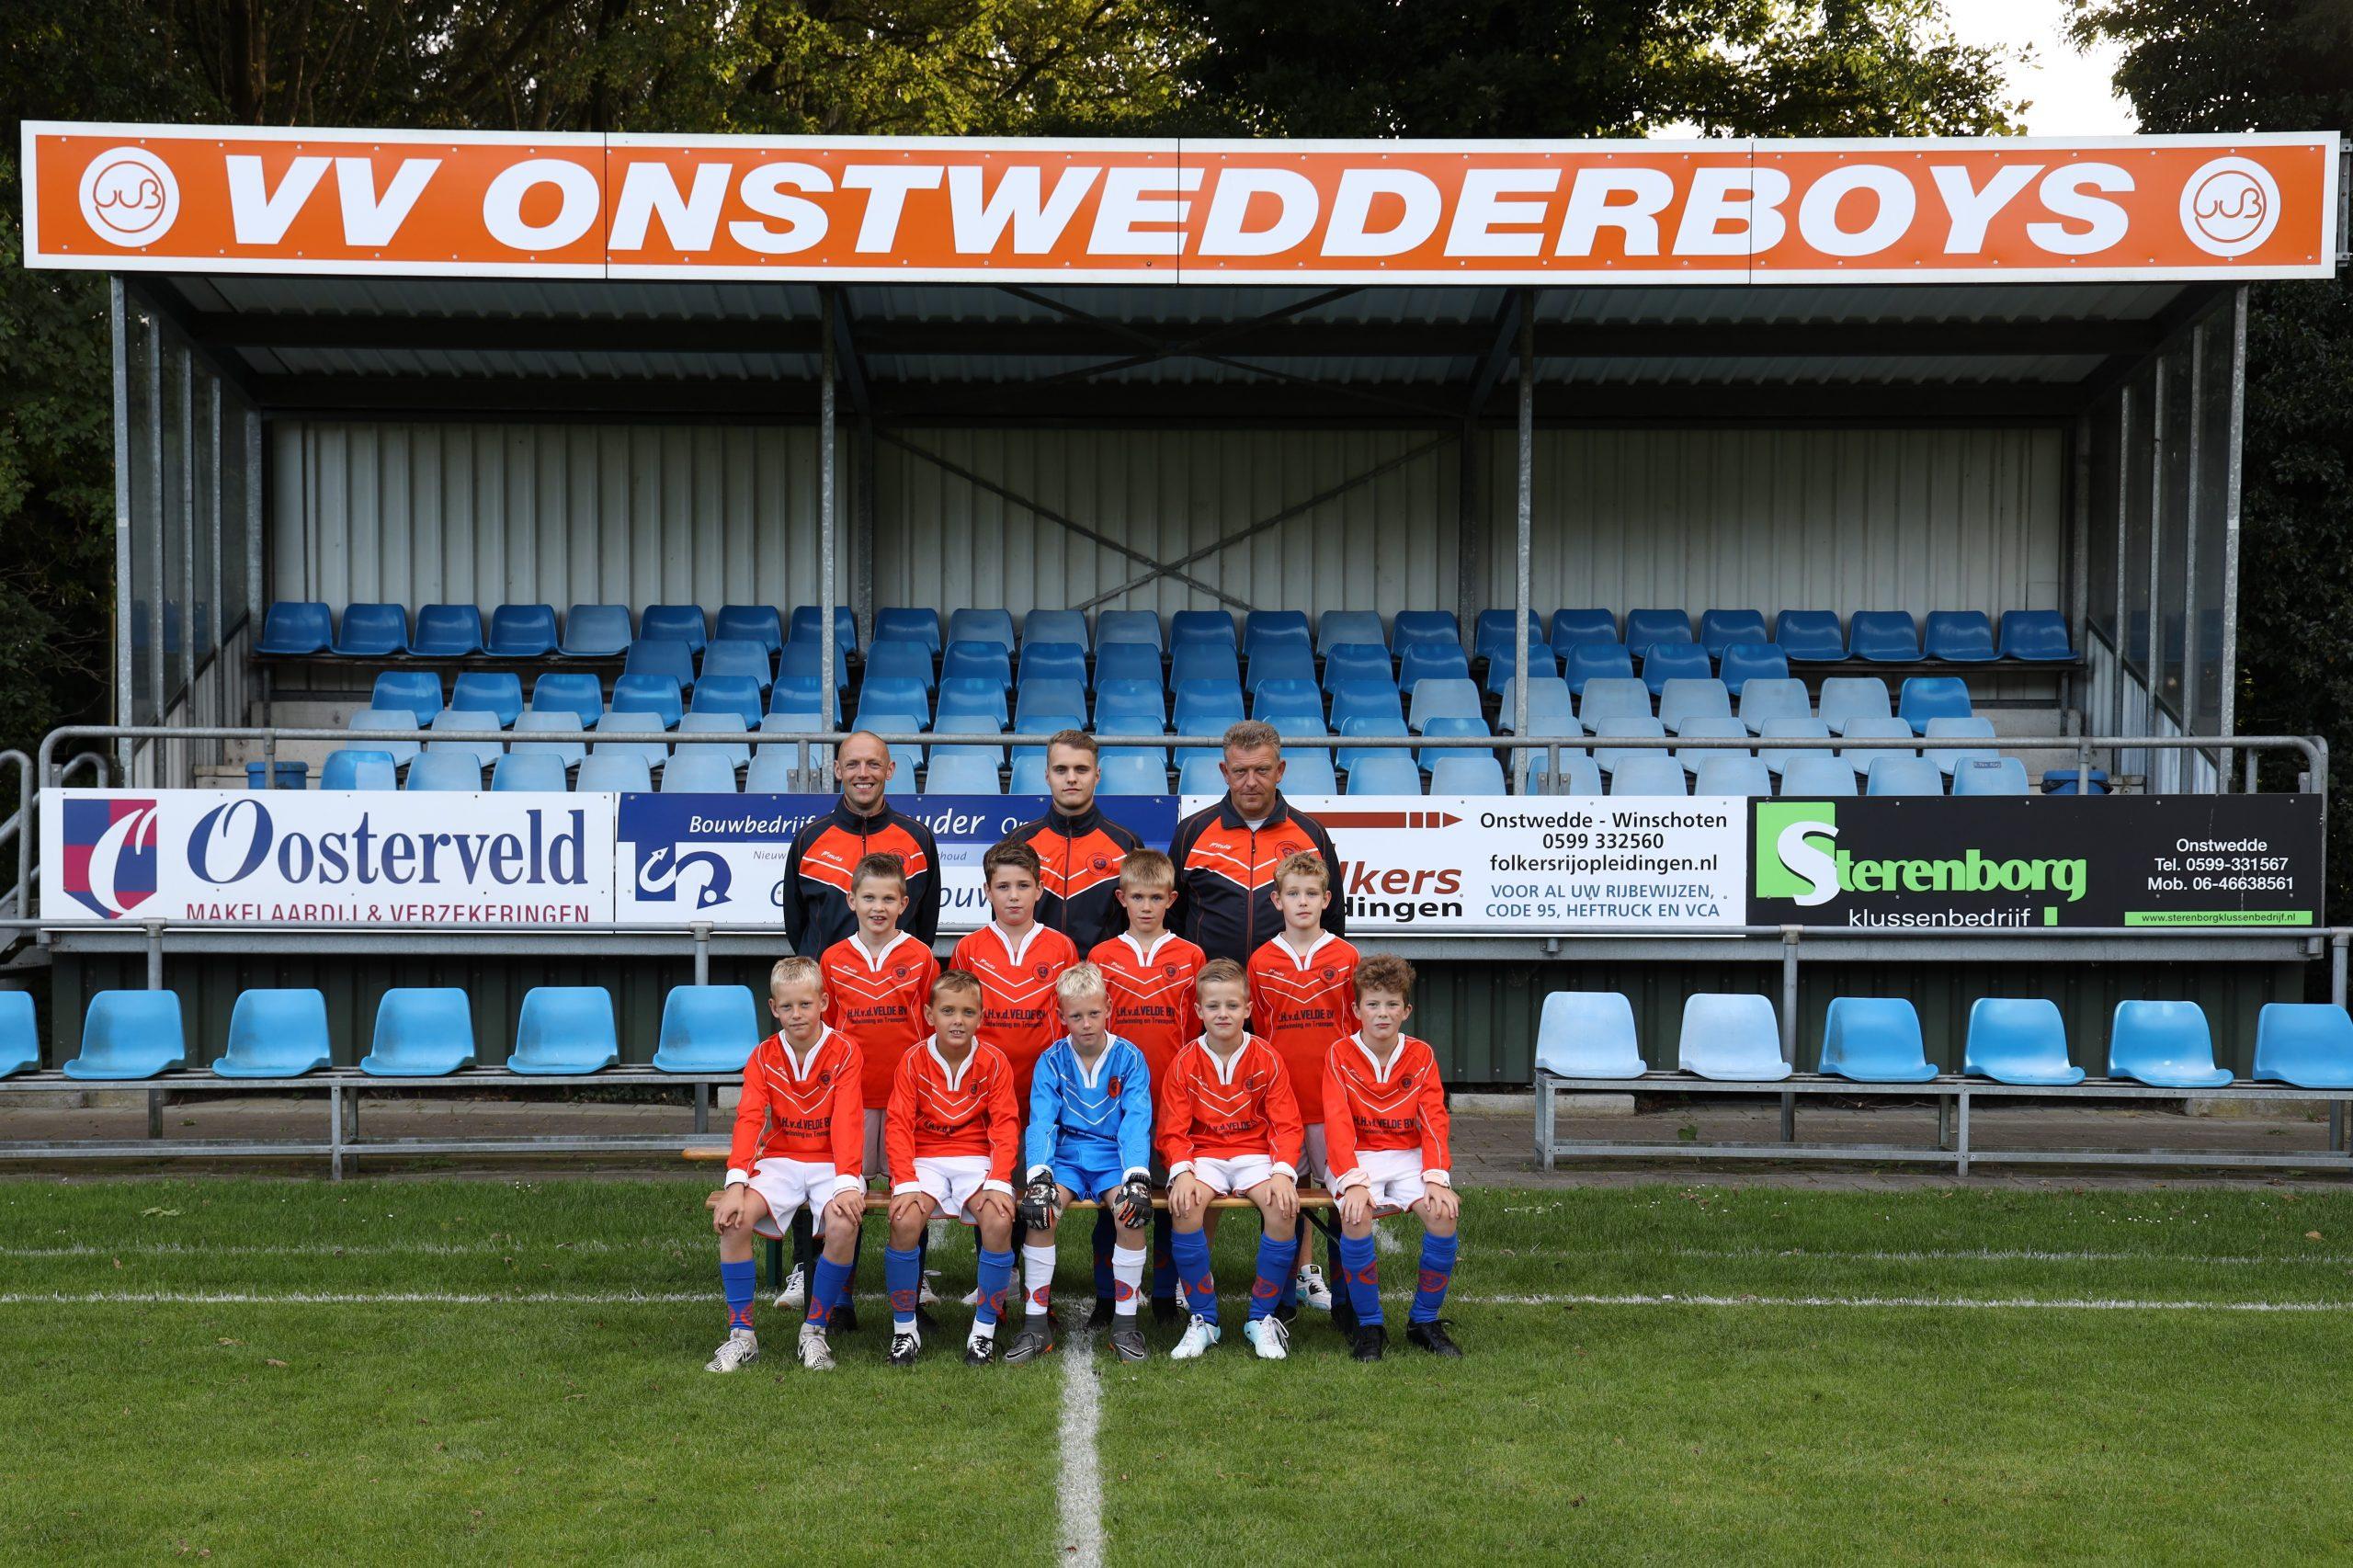 Onstwedder Boys 11 2021-2022